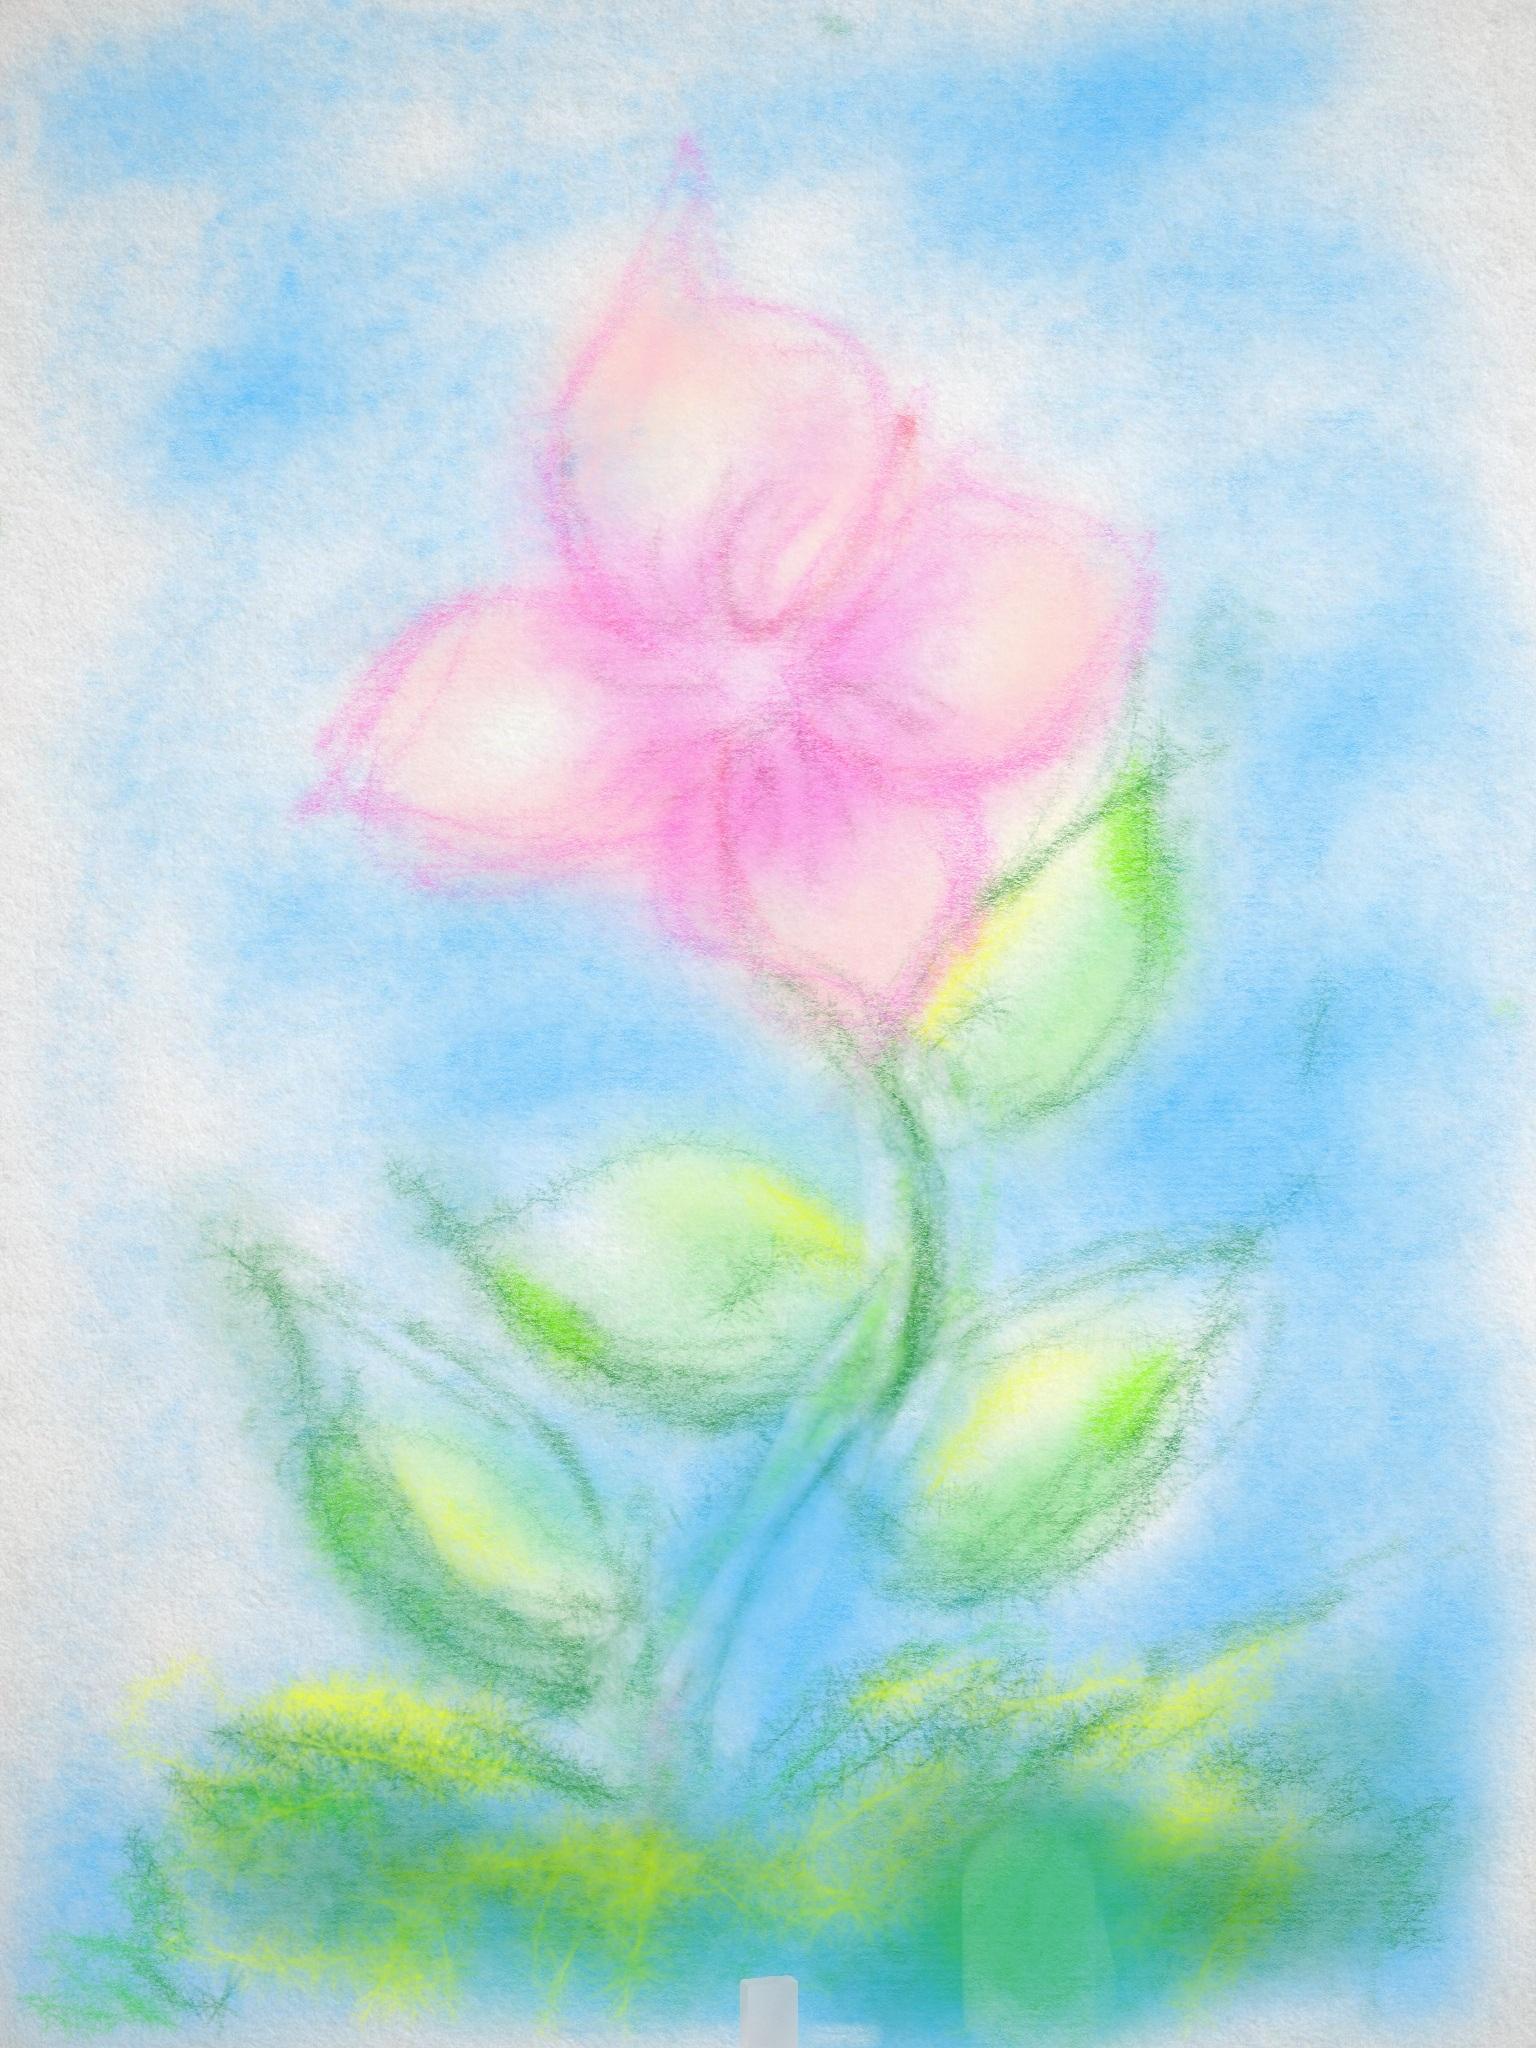 Gambar Daun Bunga Lukisan Sketsa Gambar Pastel Tanaman